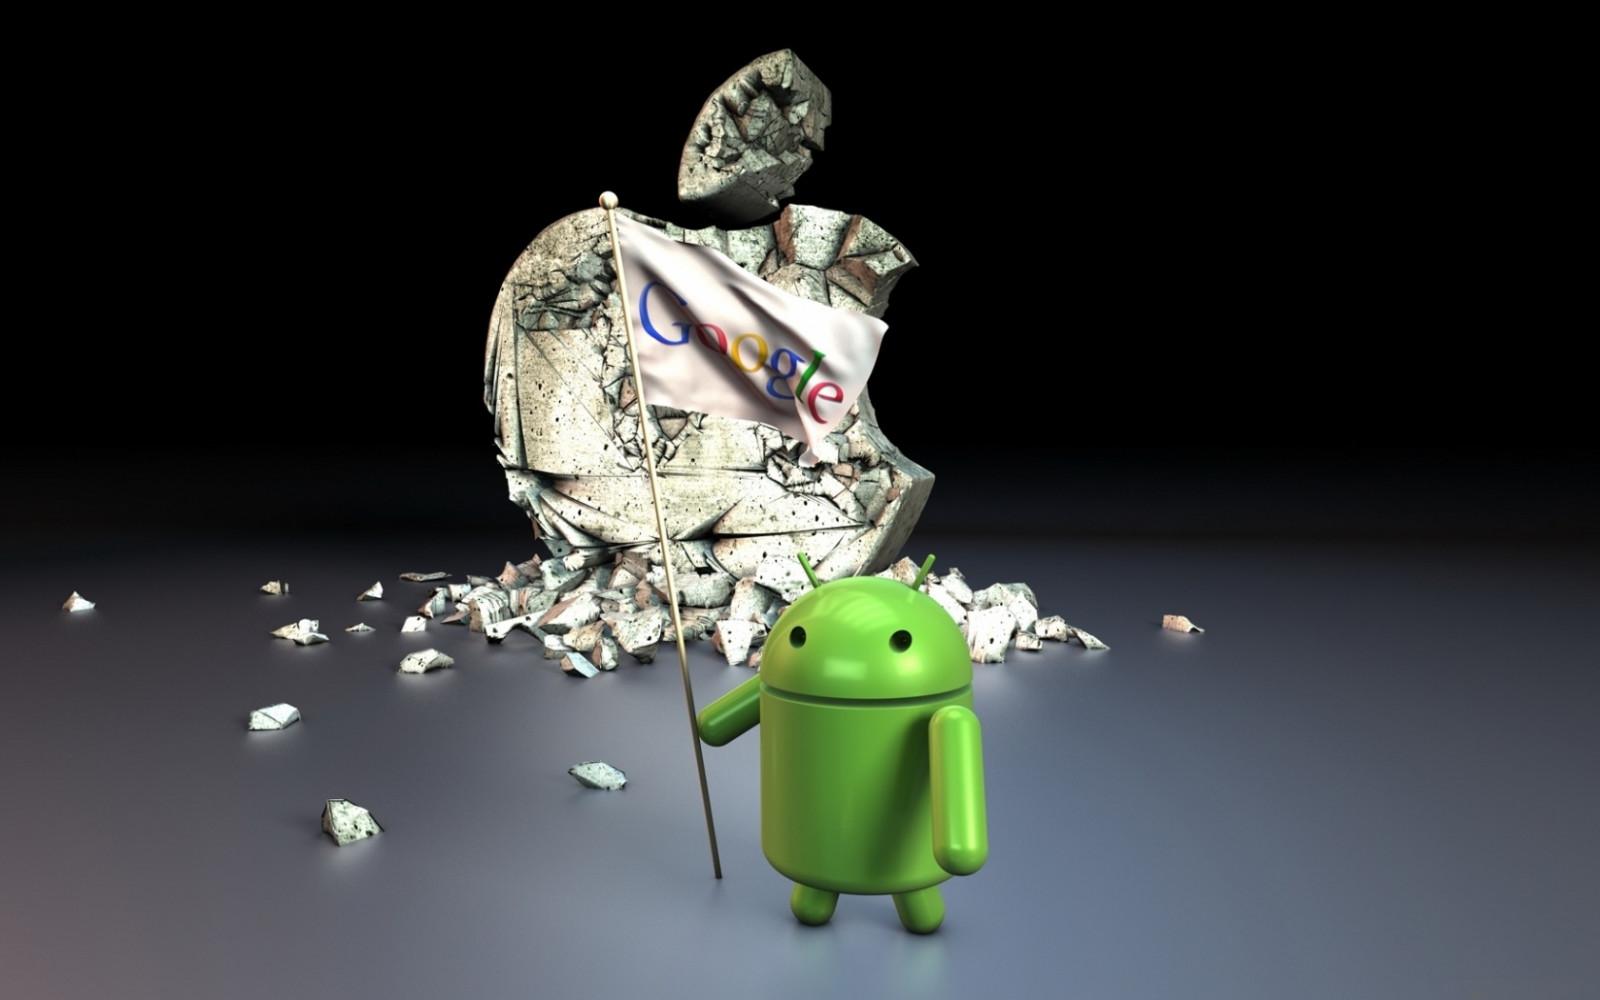 Все прикольные картинки на андроид